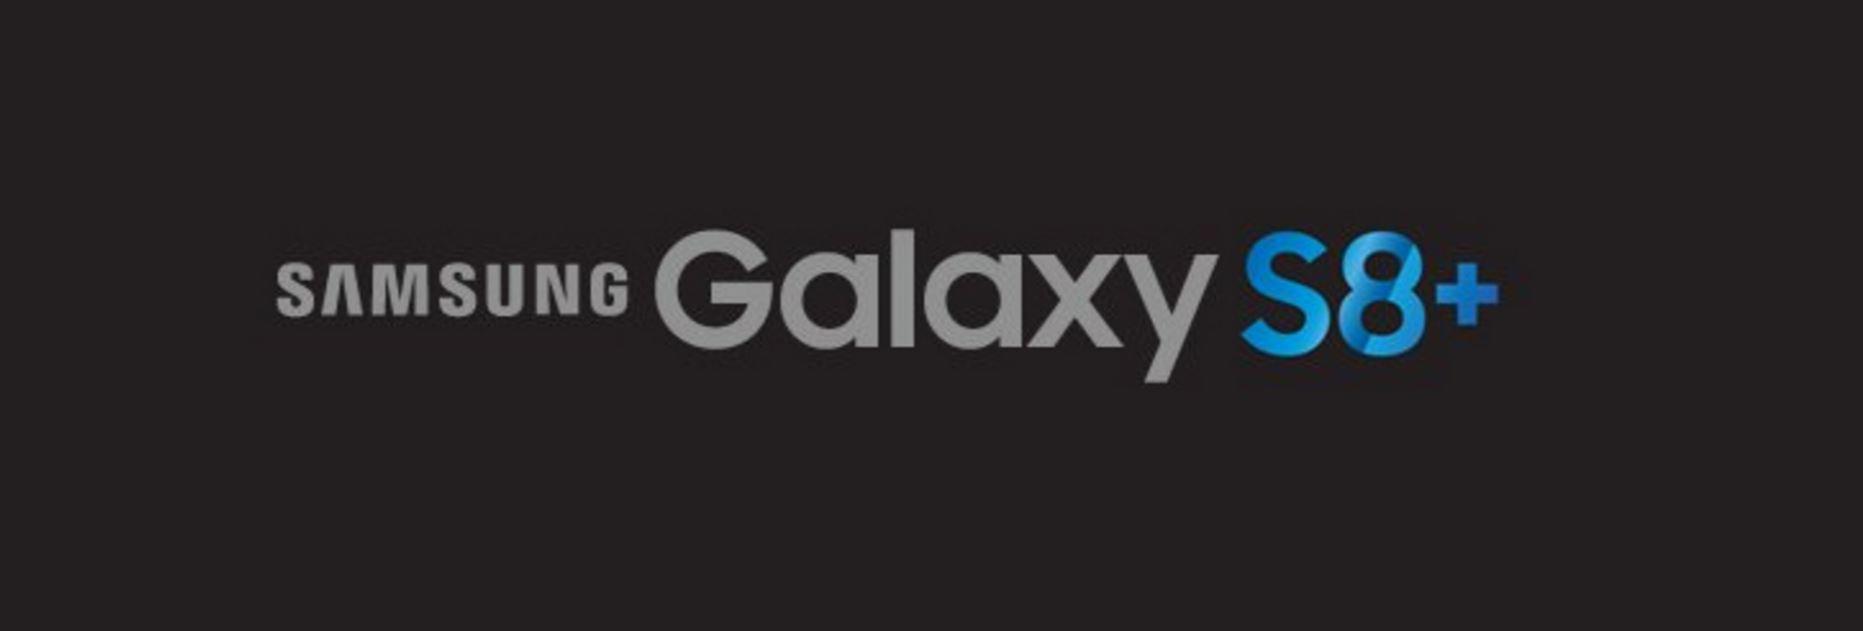 مشخصات فنی جدید از سامسونگ گلکسی +S8 فاش شد